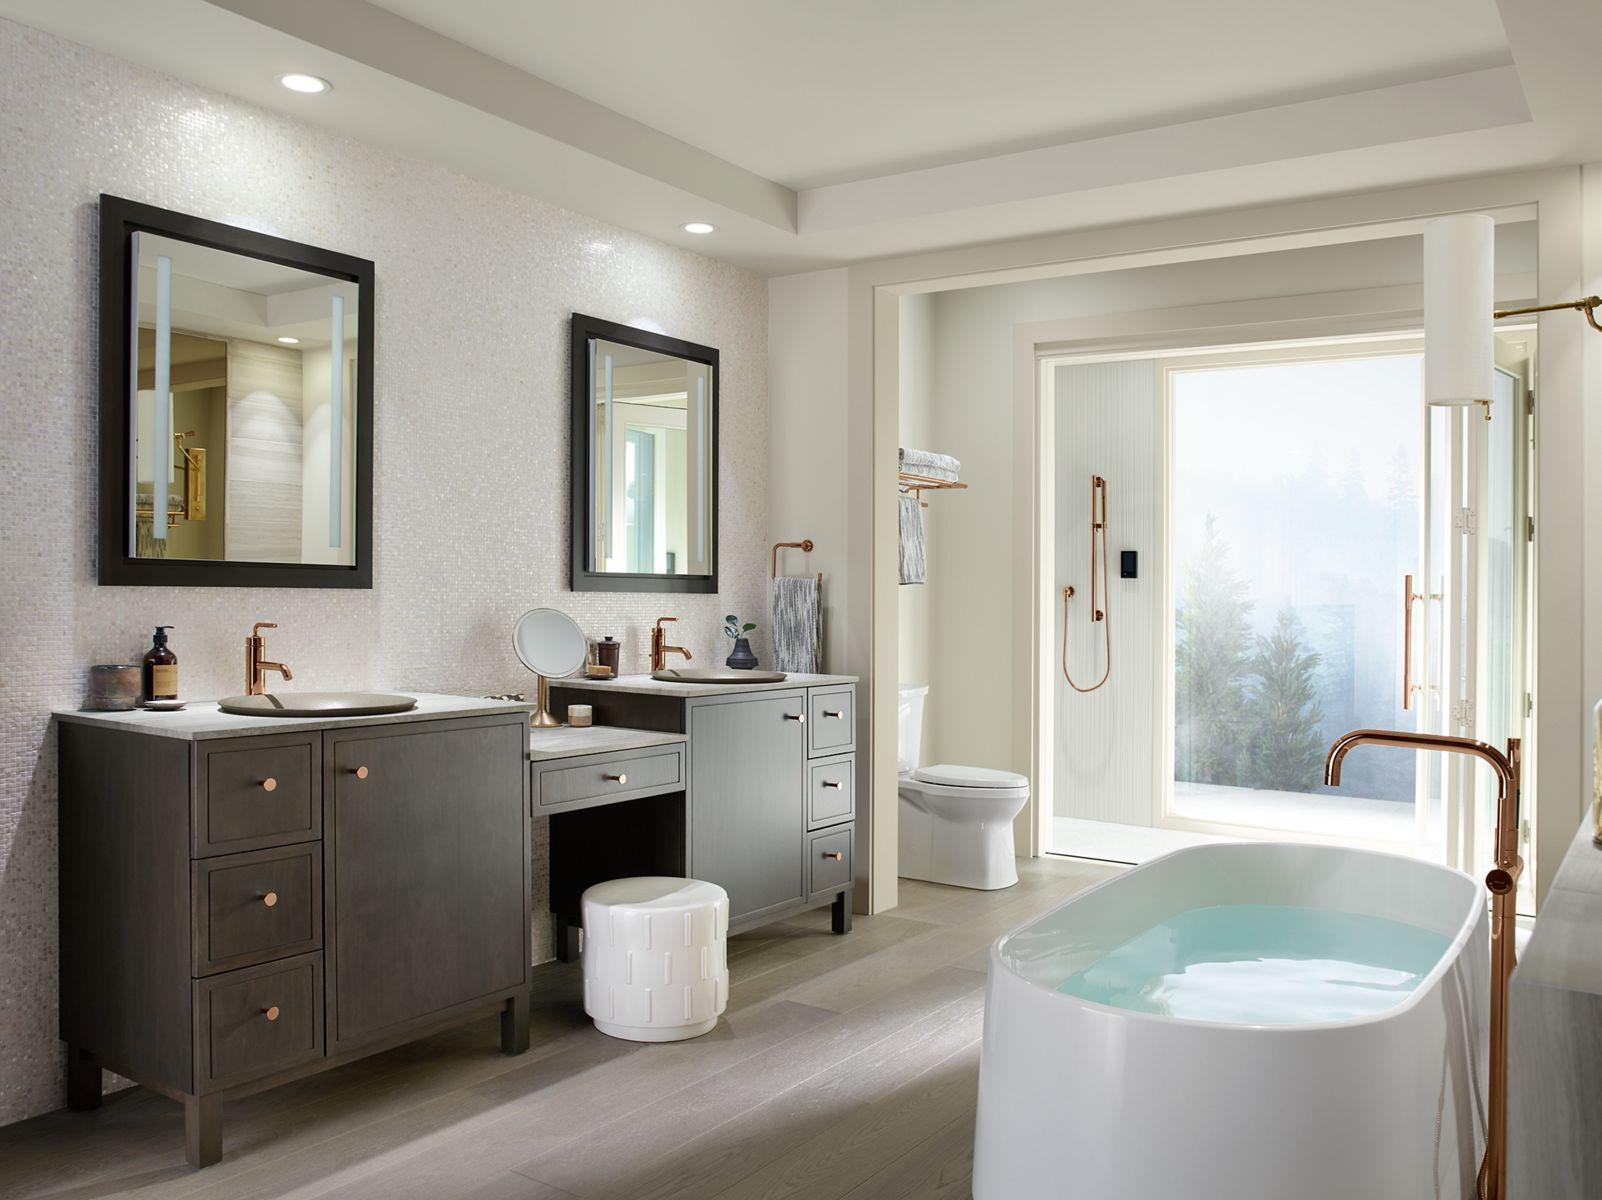 Elegant Bathroom Remodel Under 5000. Kohler Toilets Showers Sinks Faucets And More  For Bathroom